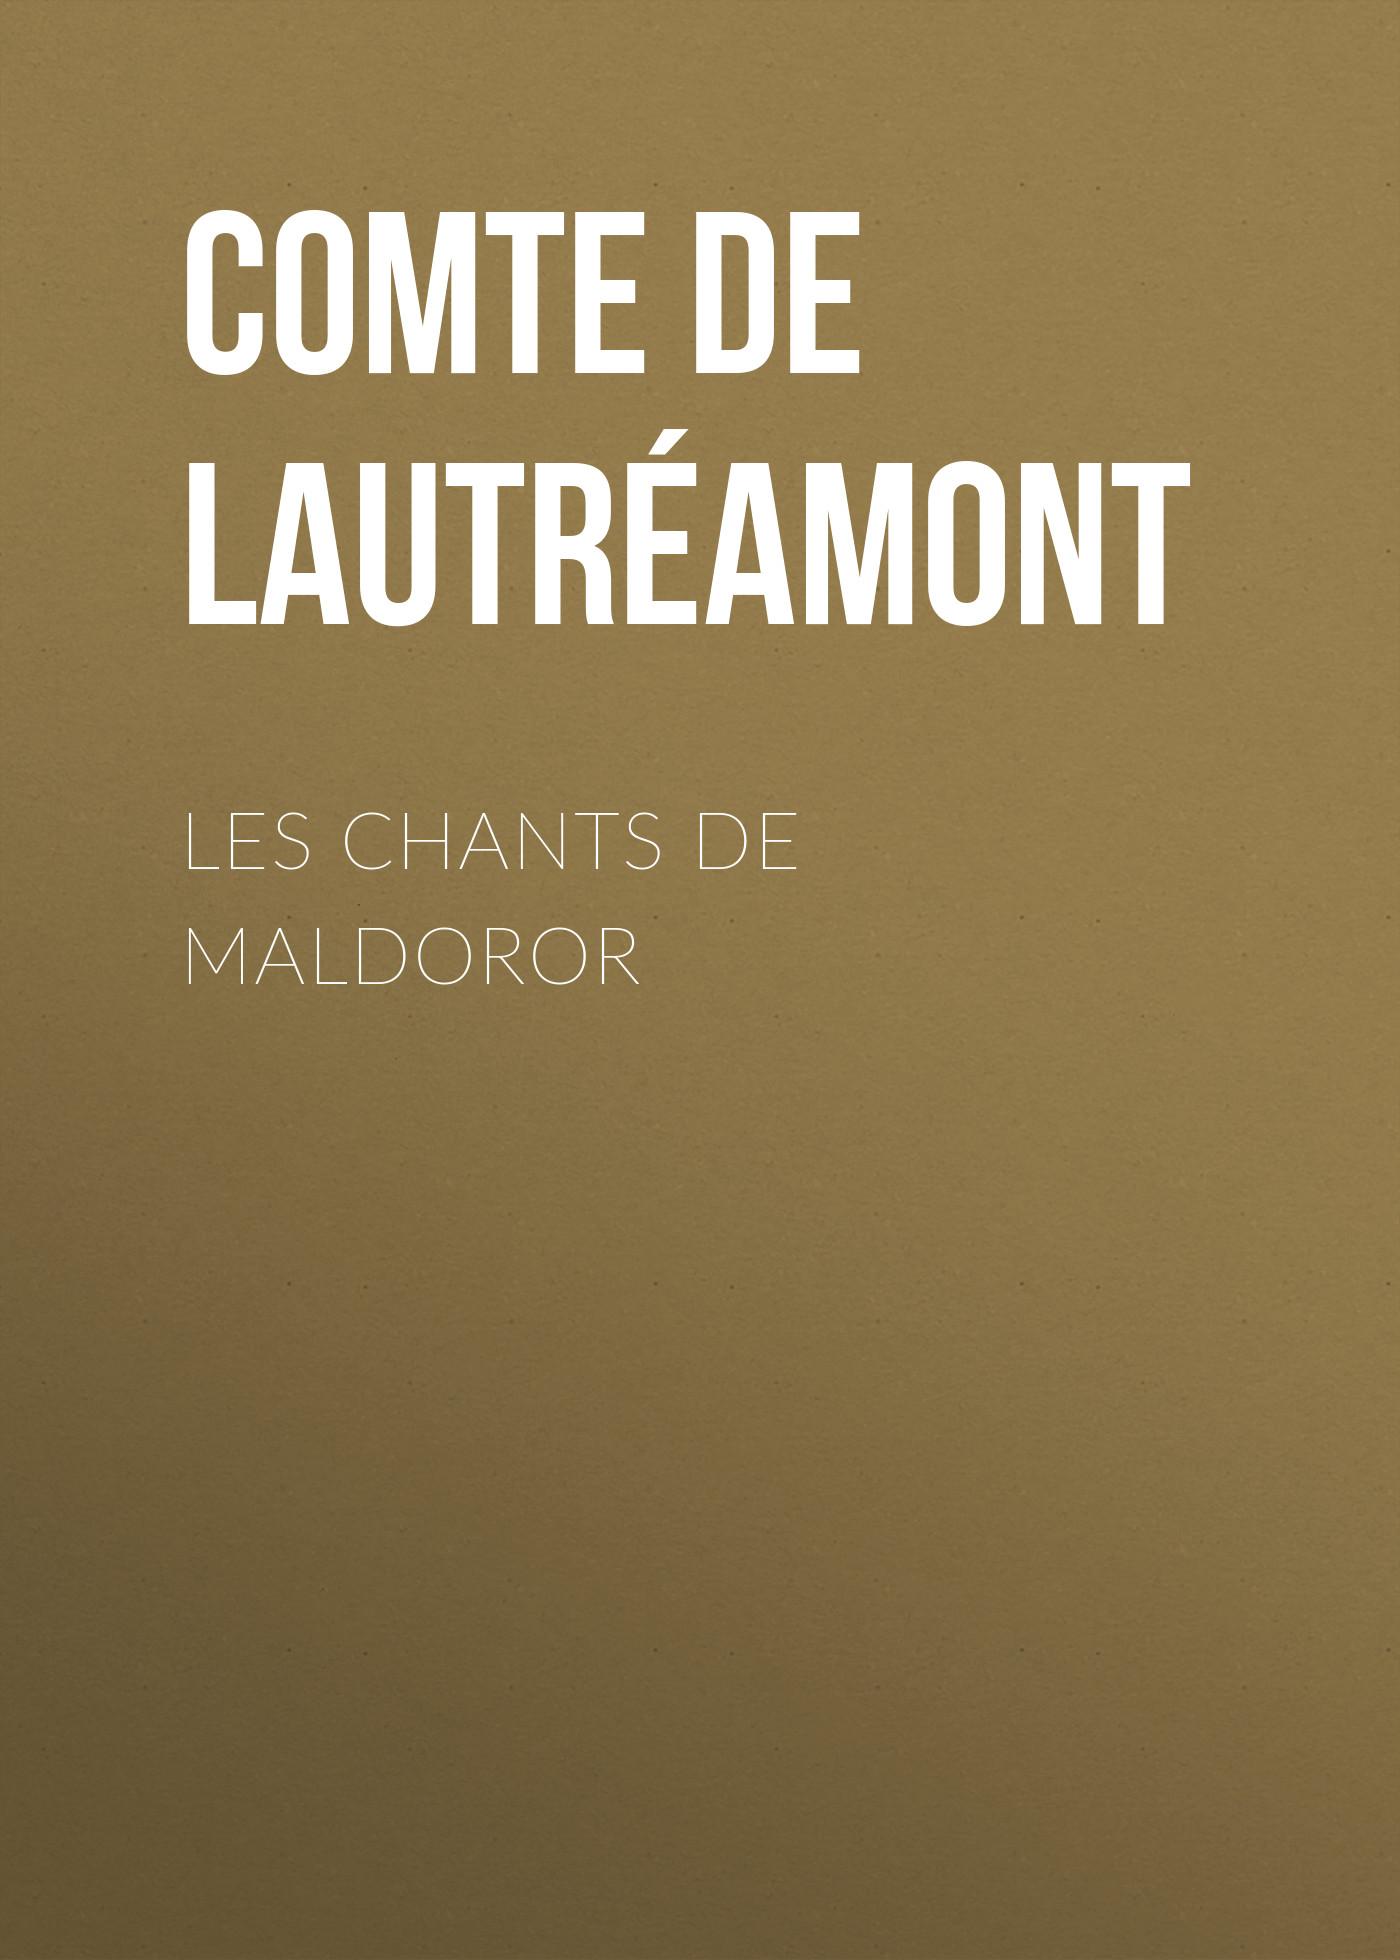 Comte de Lautréamont Les Chants de Maldoror gregorian christmas chants